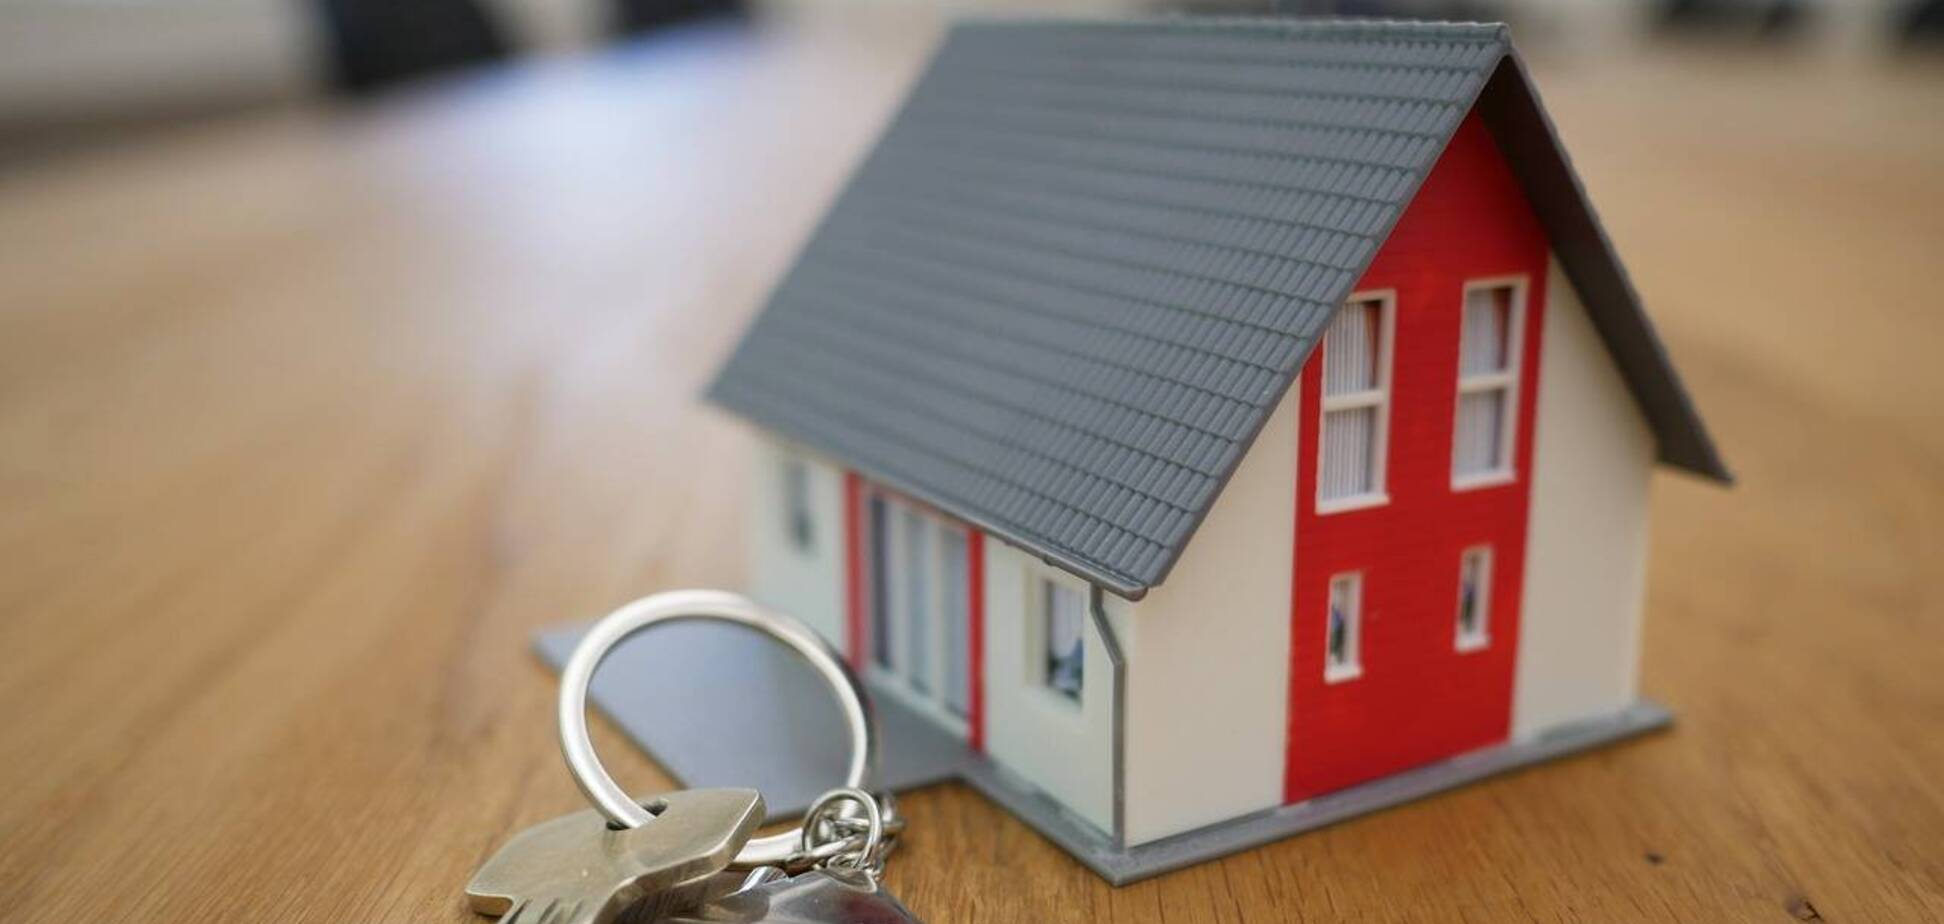 Іпотека під 10% як і раніше залишається недоступною: в чому причина